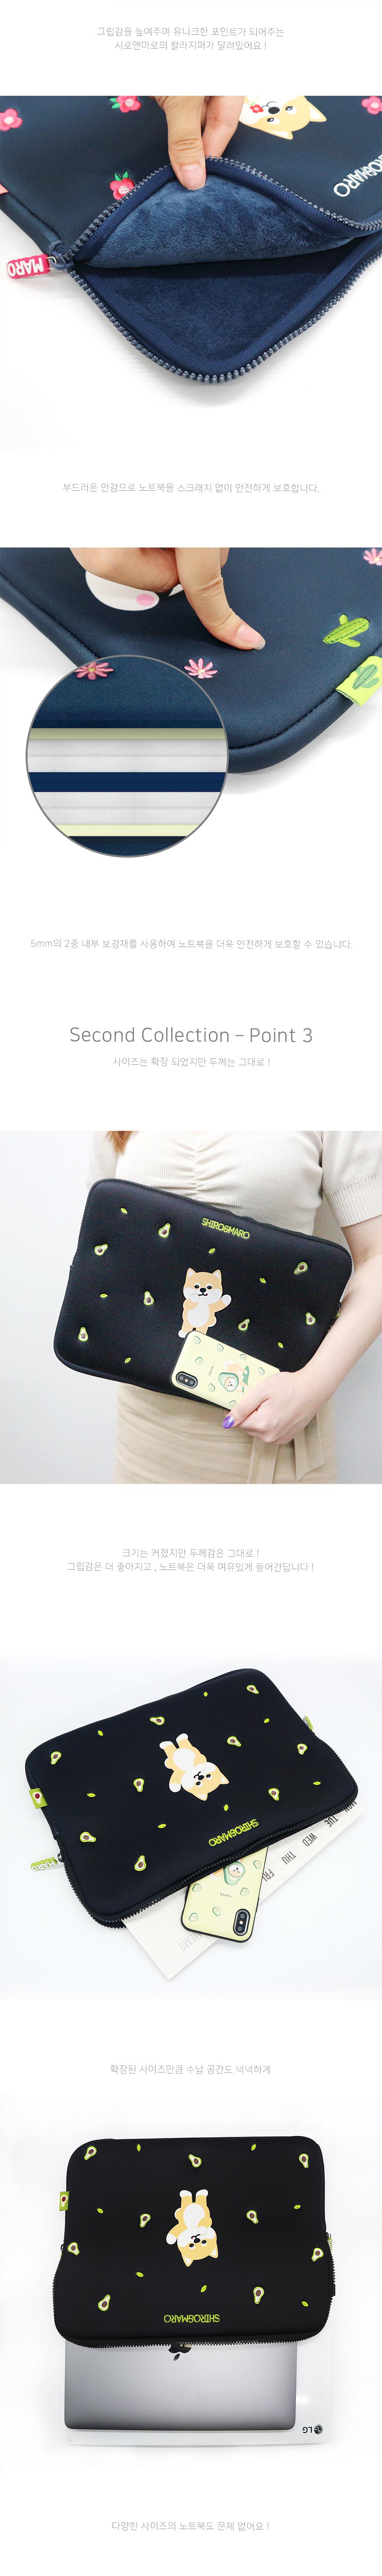 시로앤마로 정풍 노트북 파우치 15형 - 시로&마로 모바일, 22,900원, 노트북 케이스/파우치, 35.56cm~39.62cm